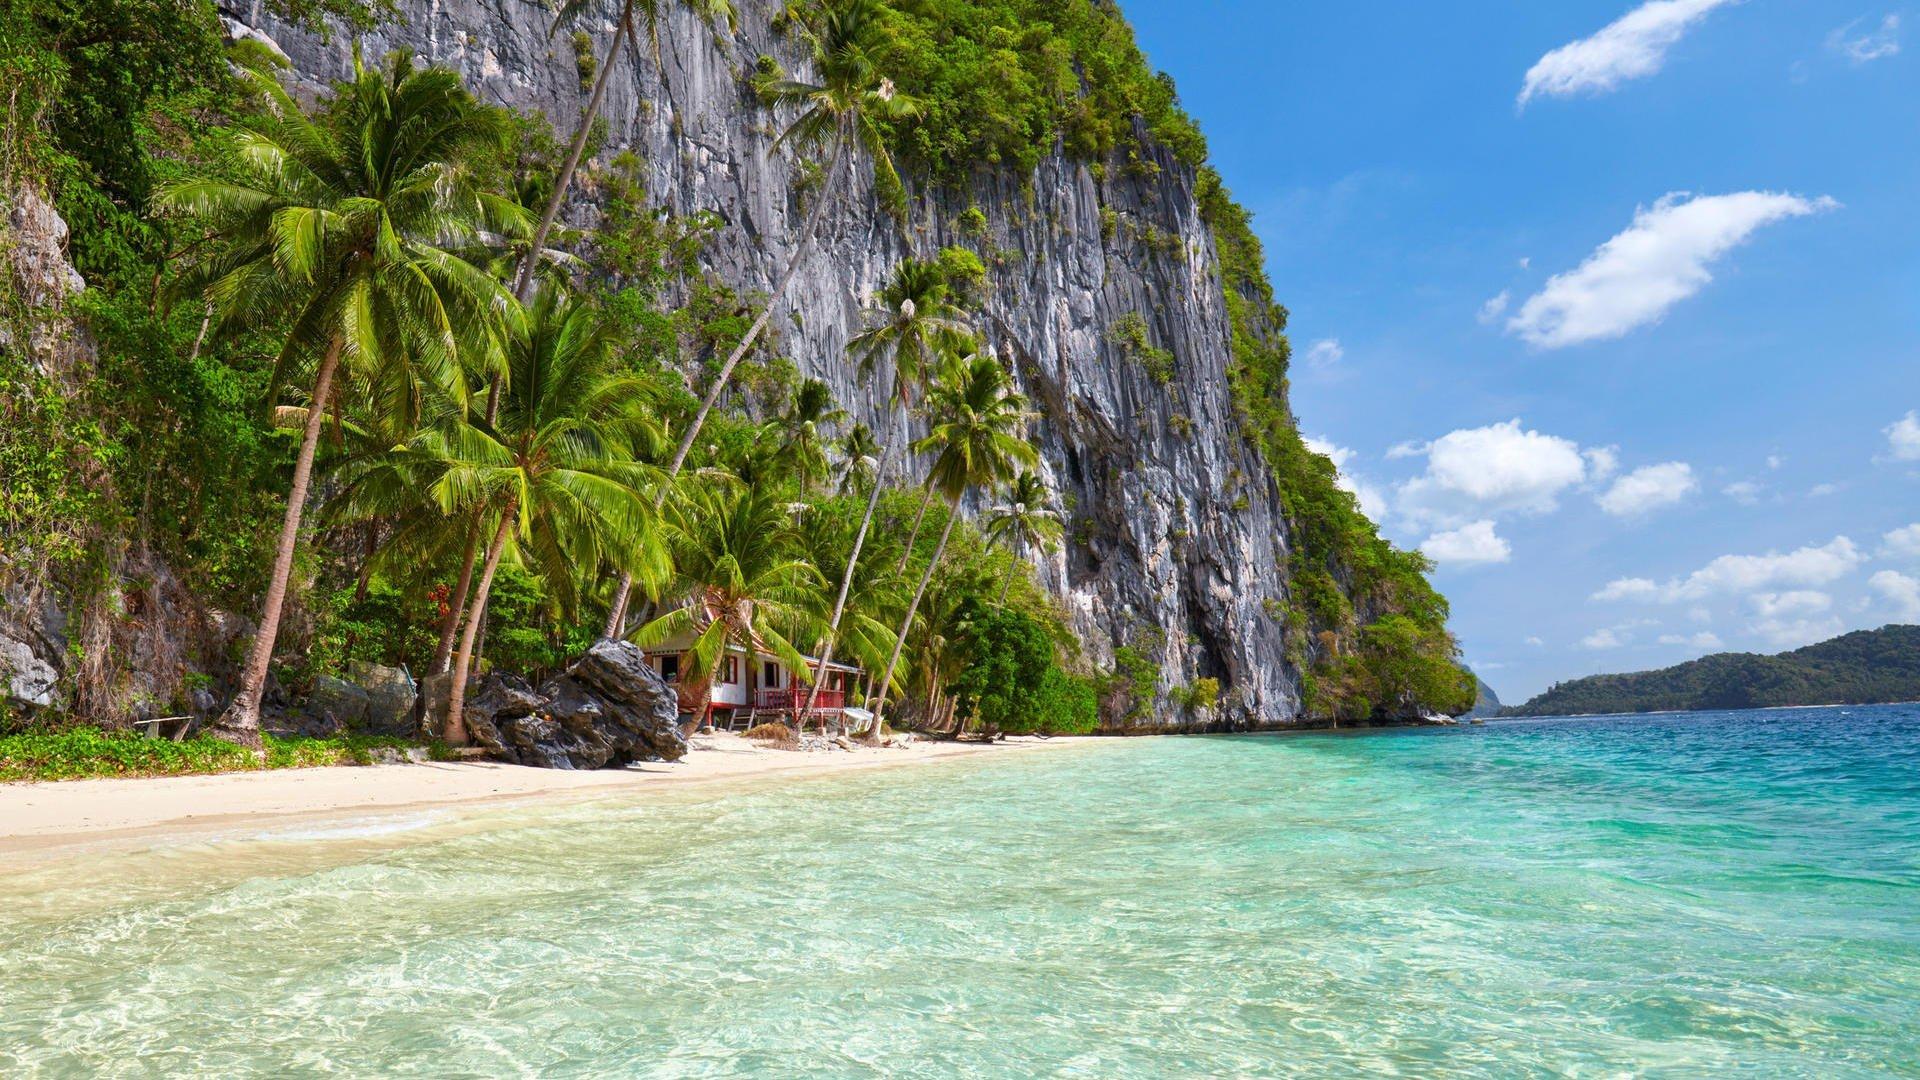 Bellissima isola con mare cristallino a El Nido, Filippine